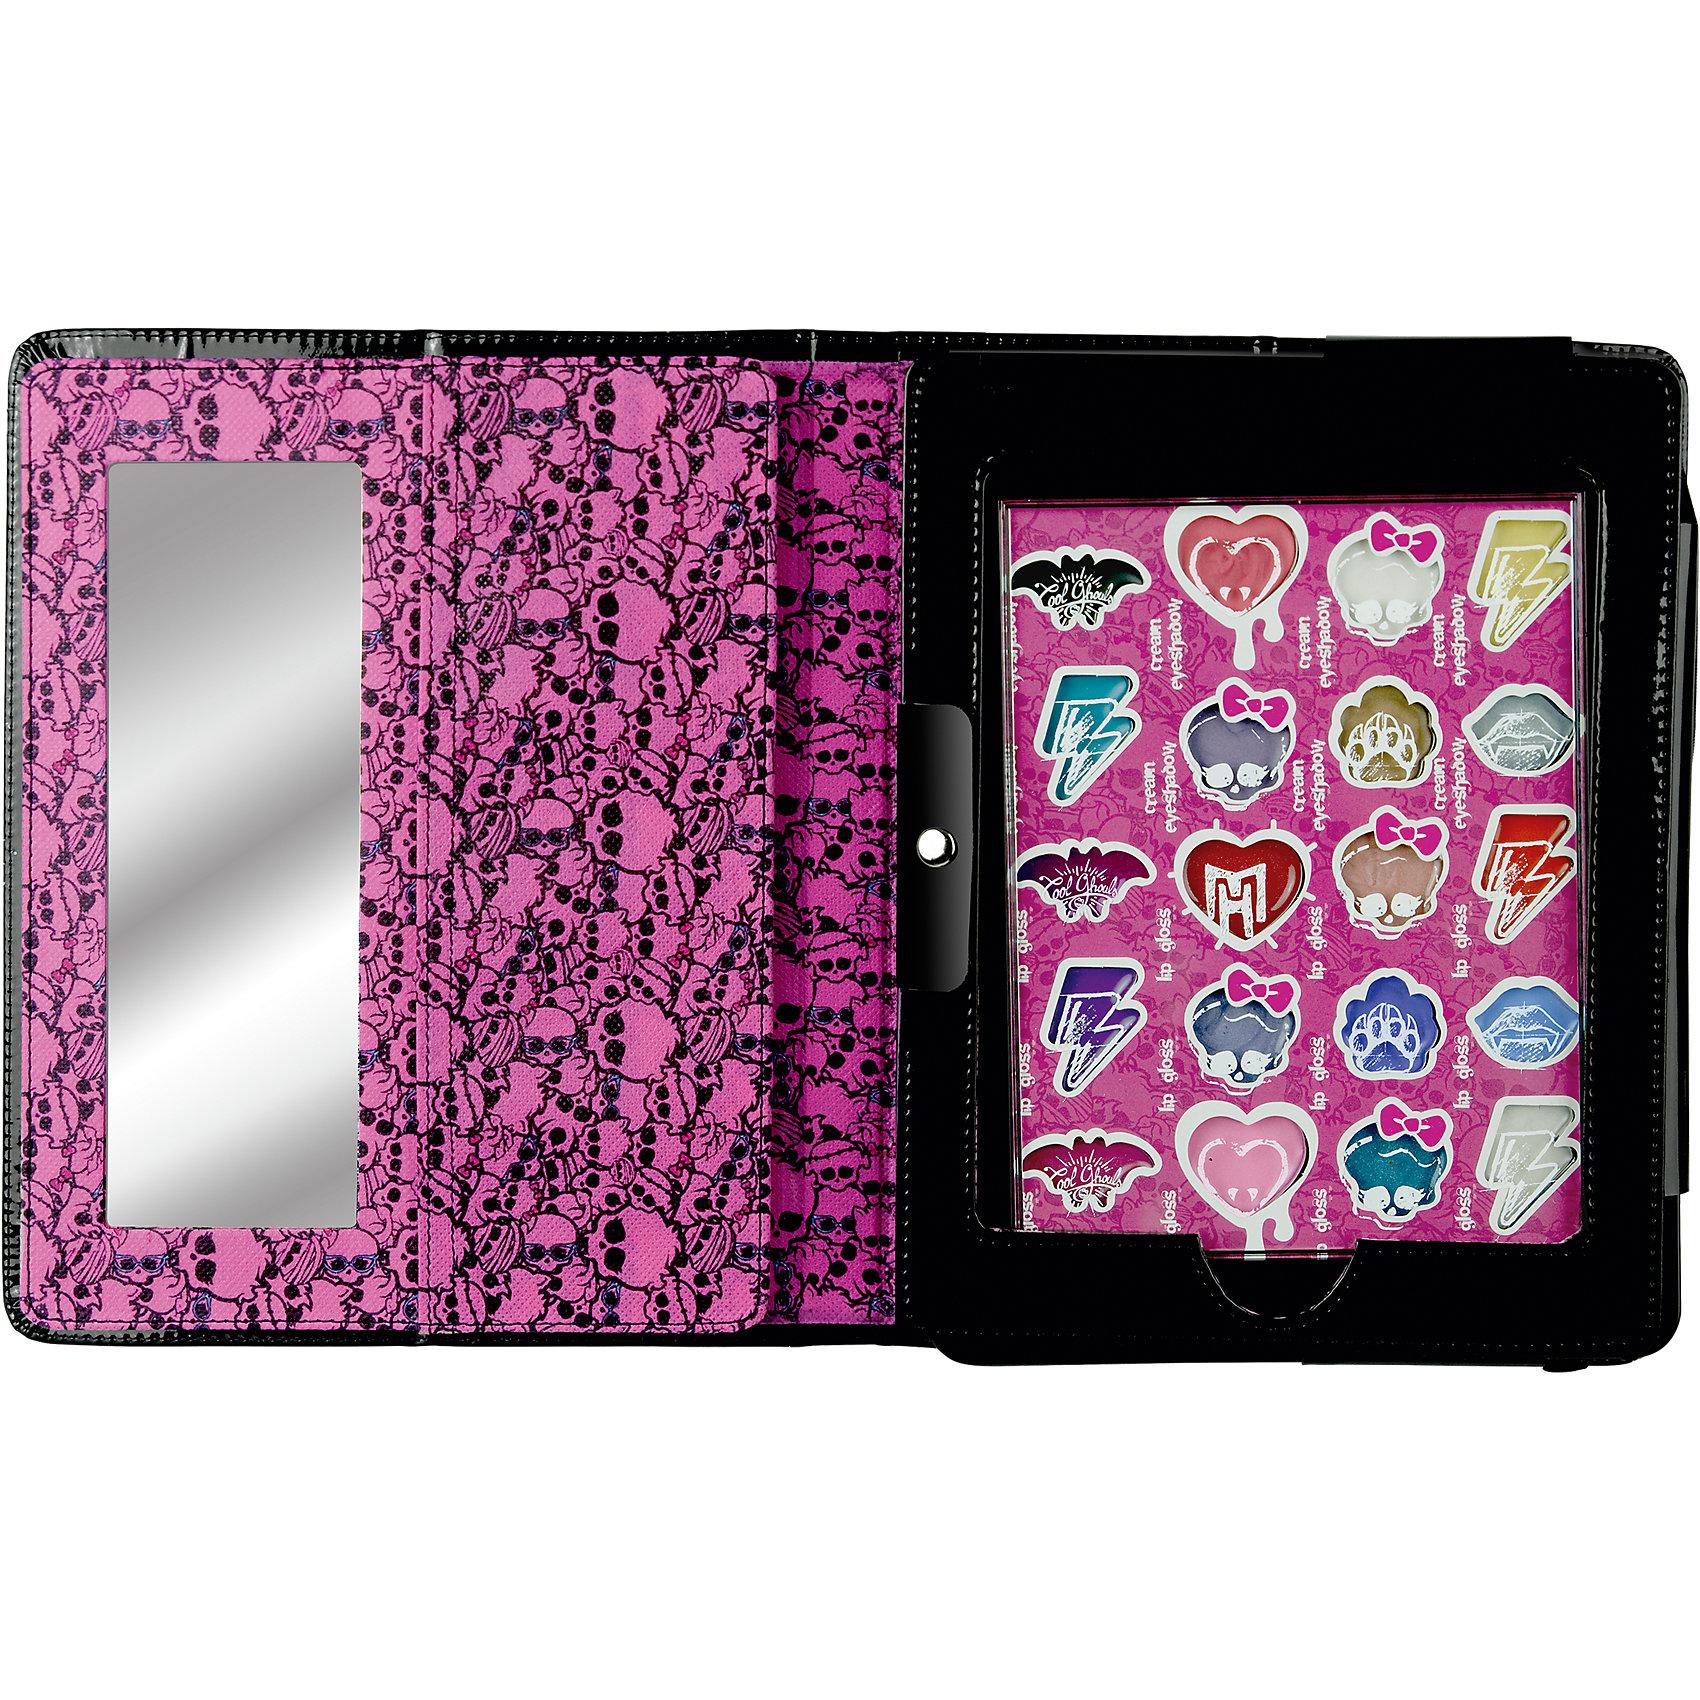 Игровой набор детской декоративной косметики в чехле для планшета, Monster HighВне категории Kerstin - Девочки<br>Игровой набор детской декоративной косметики в чехле для планшета, Monster High (Монстер Хай).<br><br>Характеристики:<br><br>• есть все необходимые инструменты<br>• не содержит парабенов и пальмового масла<br>• долго держится и легко стирается<br>• в комплекте:  палитра блесков для губ, палитра кремовых теней для век, кисть, зеркальце<br>• размер: 19,5х3х25,5 см<br>• перед первым применением рекомендуется провести тест на аллергию: нанесите немного косметики на кожу на 30-40 минут и проверьте реакцию<br><br>Набор декоративной косметики Monster High состоит из нескольких оттенков теней и блеска для губ. Косметика на водной основе гипоаллергенна и полностью безопасна для детской кожи. Яркий чехол для планшета и внутренняя упаковка в стиле Школы Монстров порадуют любительницу мультфильма. Девочка сможет создать неповторимый макияж, используя свою фантазию.<br><br>Игровой набор детской декоративной косметики в чехле для планшета, Monster High (Монстер Хай) можно купить в нашем интернет-магазине.<br><br>Ширина мм: 200<br>Глубина мм: 28<br>Высота мм: 258<br>Вес г: 552<br>Возраст от месяцев: 48<br>Возраст до месяцев: 108<br>Пол: Женский<br>Возраст: Детский<br>SKU: 4540659